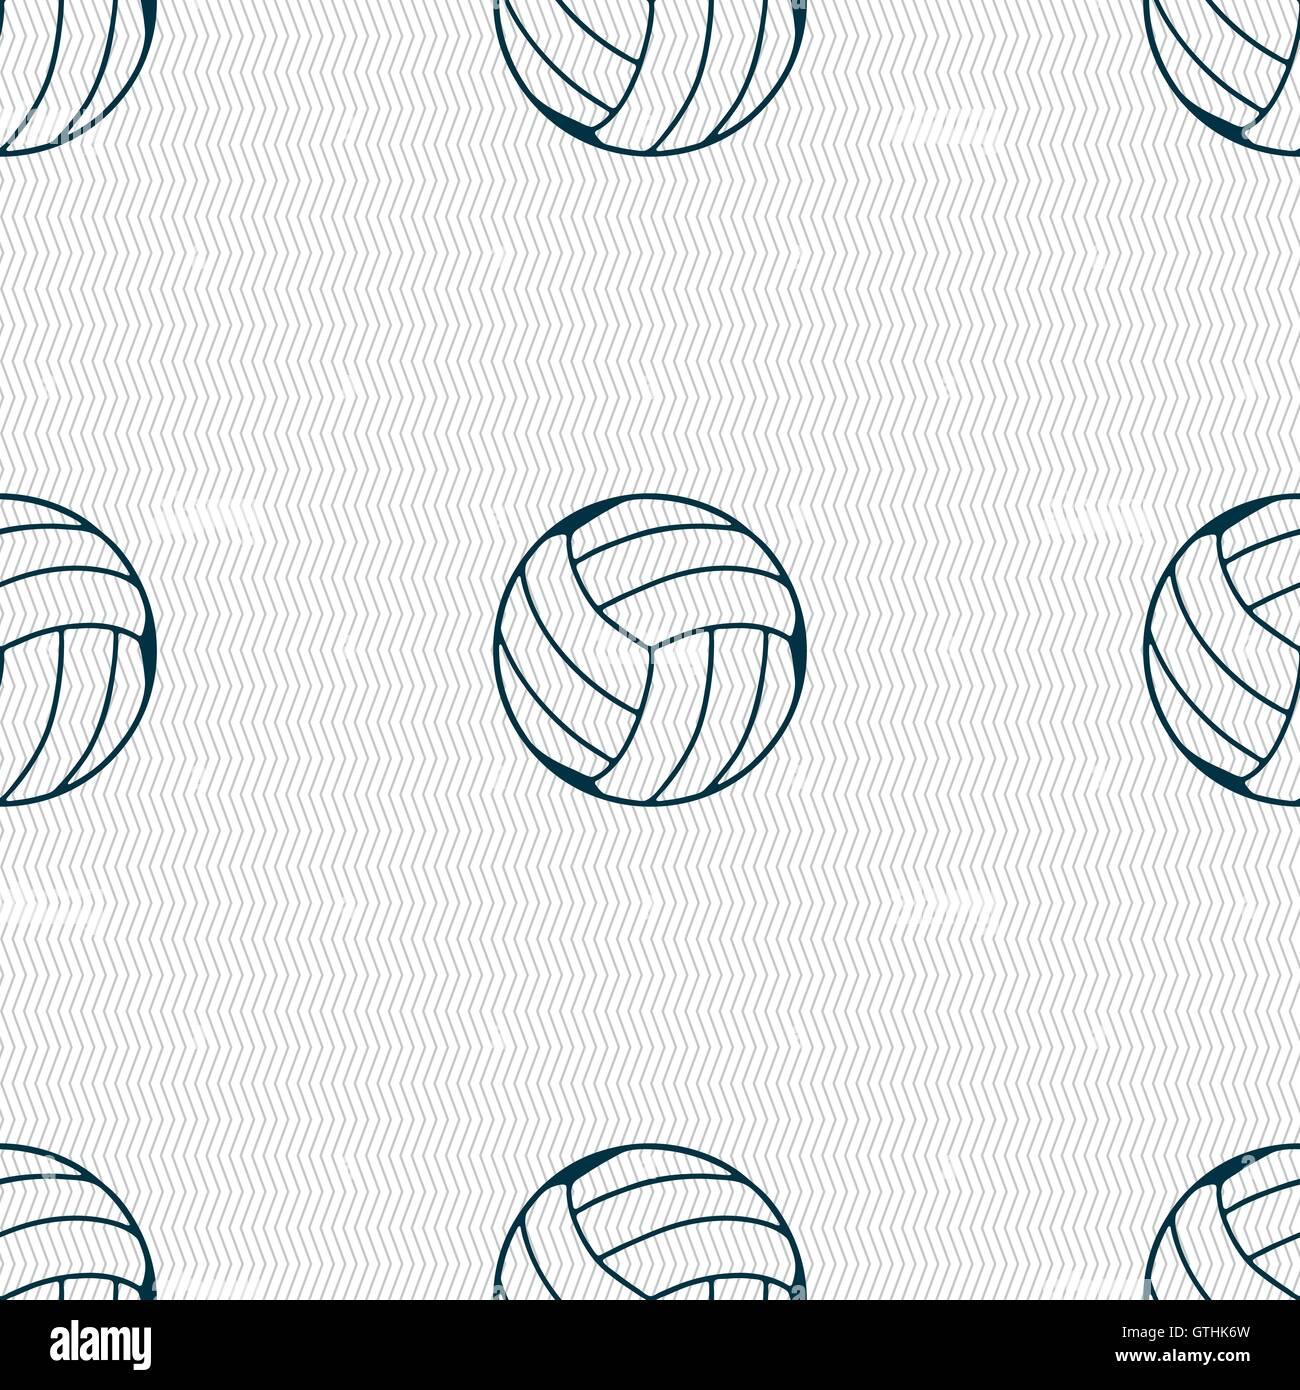 Icono de voleibol firmar. Patrón sin fisuras con textura geométrica. Vector  Imagen De Stock 48d2132a0b0f4